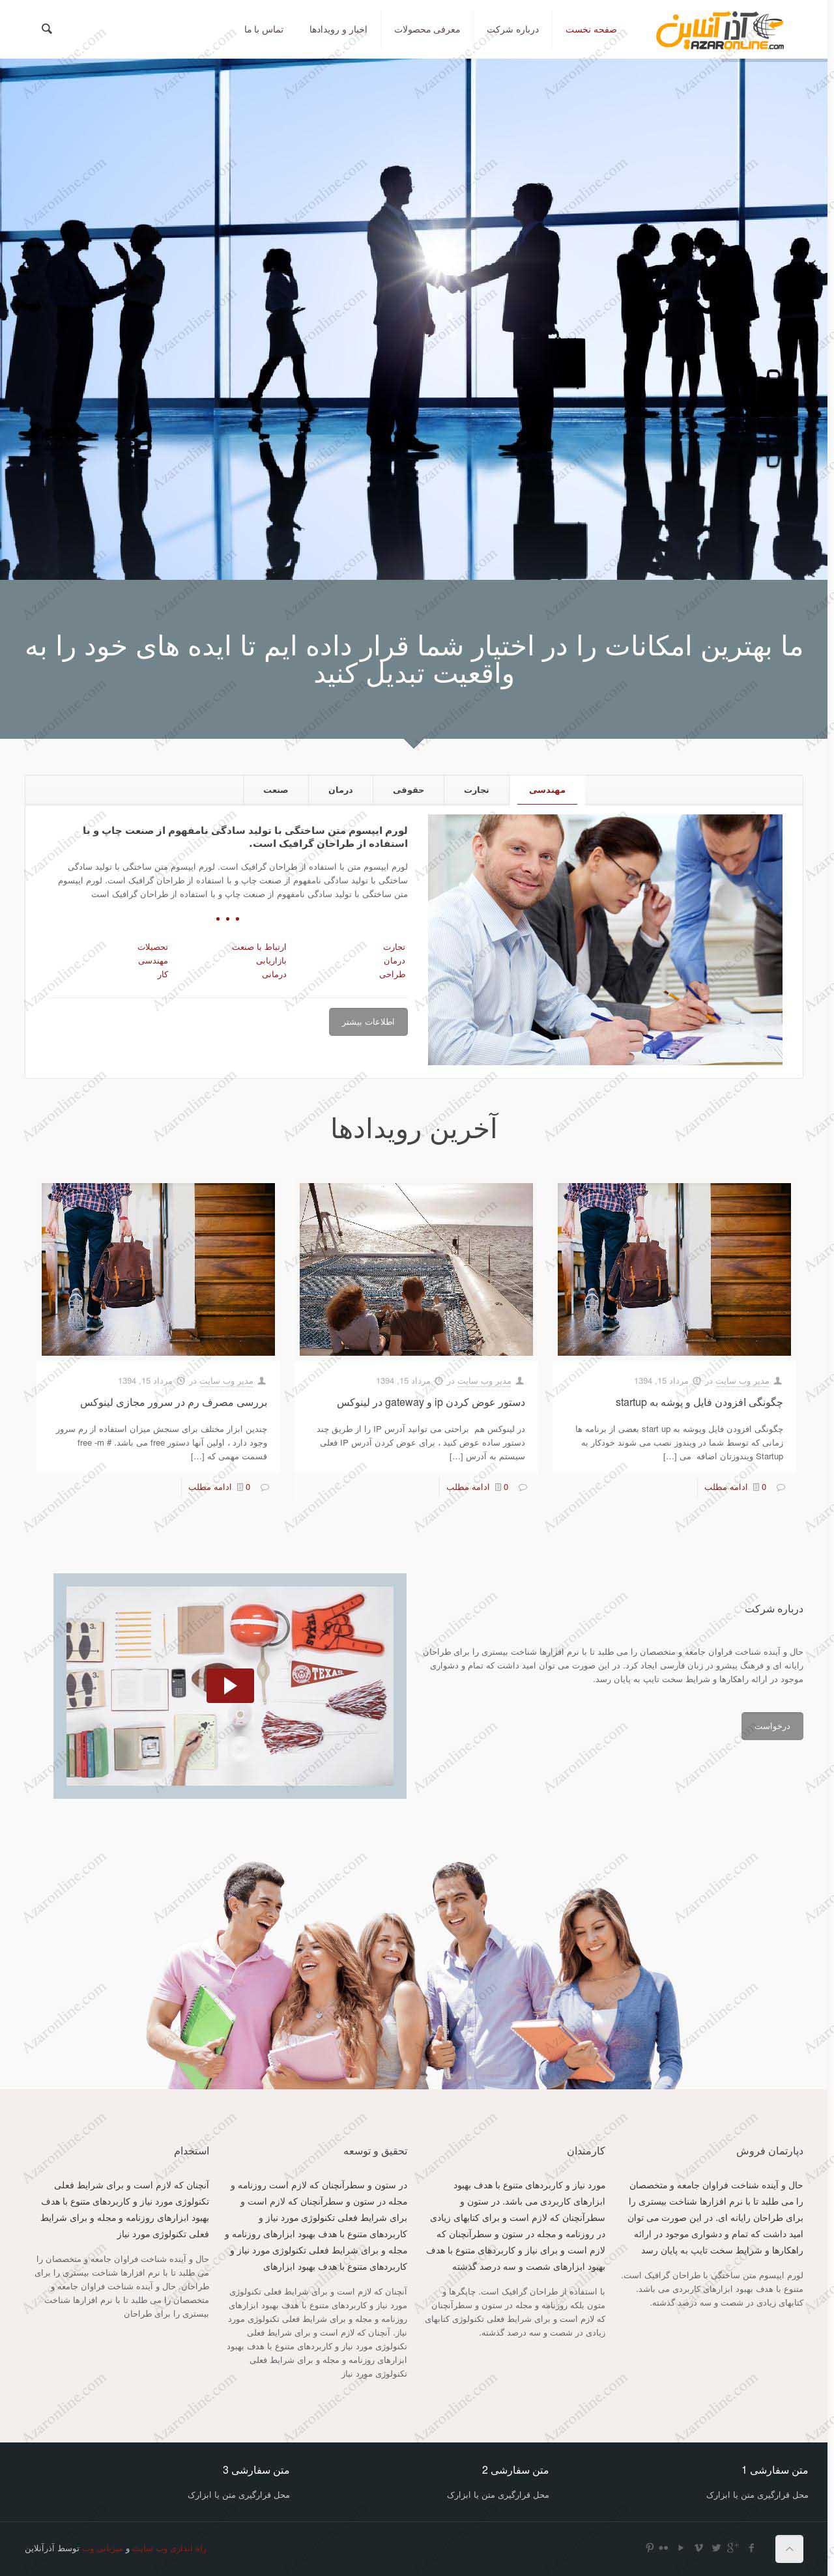 قالب وب سایت شرکتی